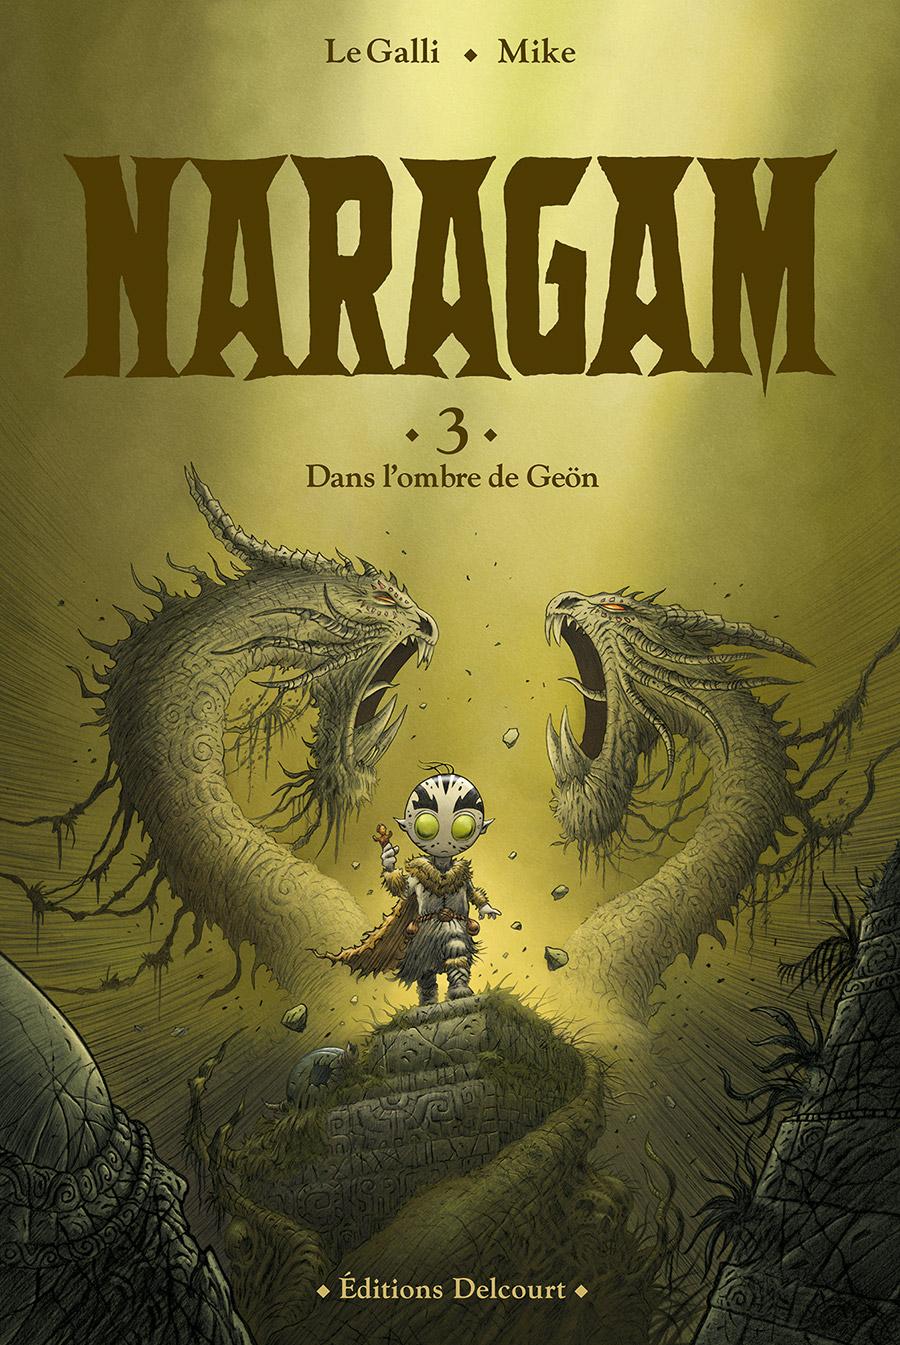 """Naragam tome 3 """" Dans l'Ombre de Geön"""" . En librairie le 21 mars ! Ou en le commandant ci-dessous"""